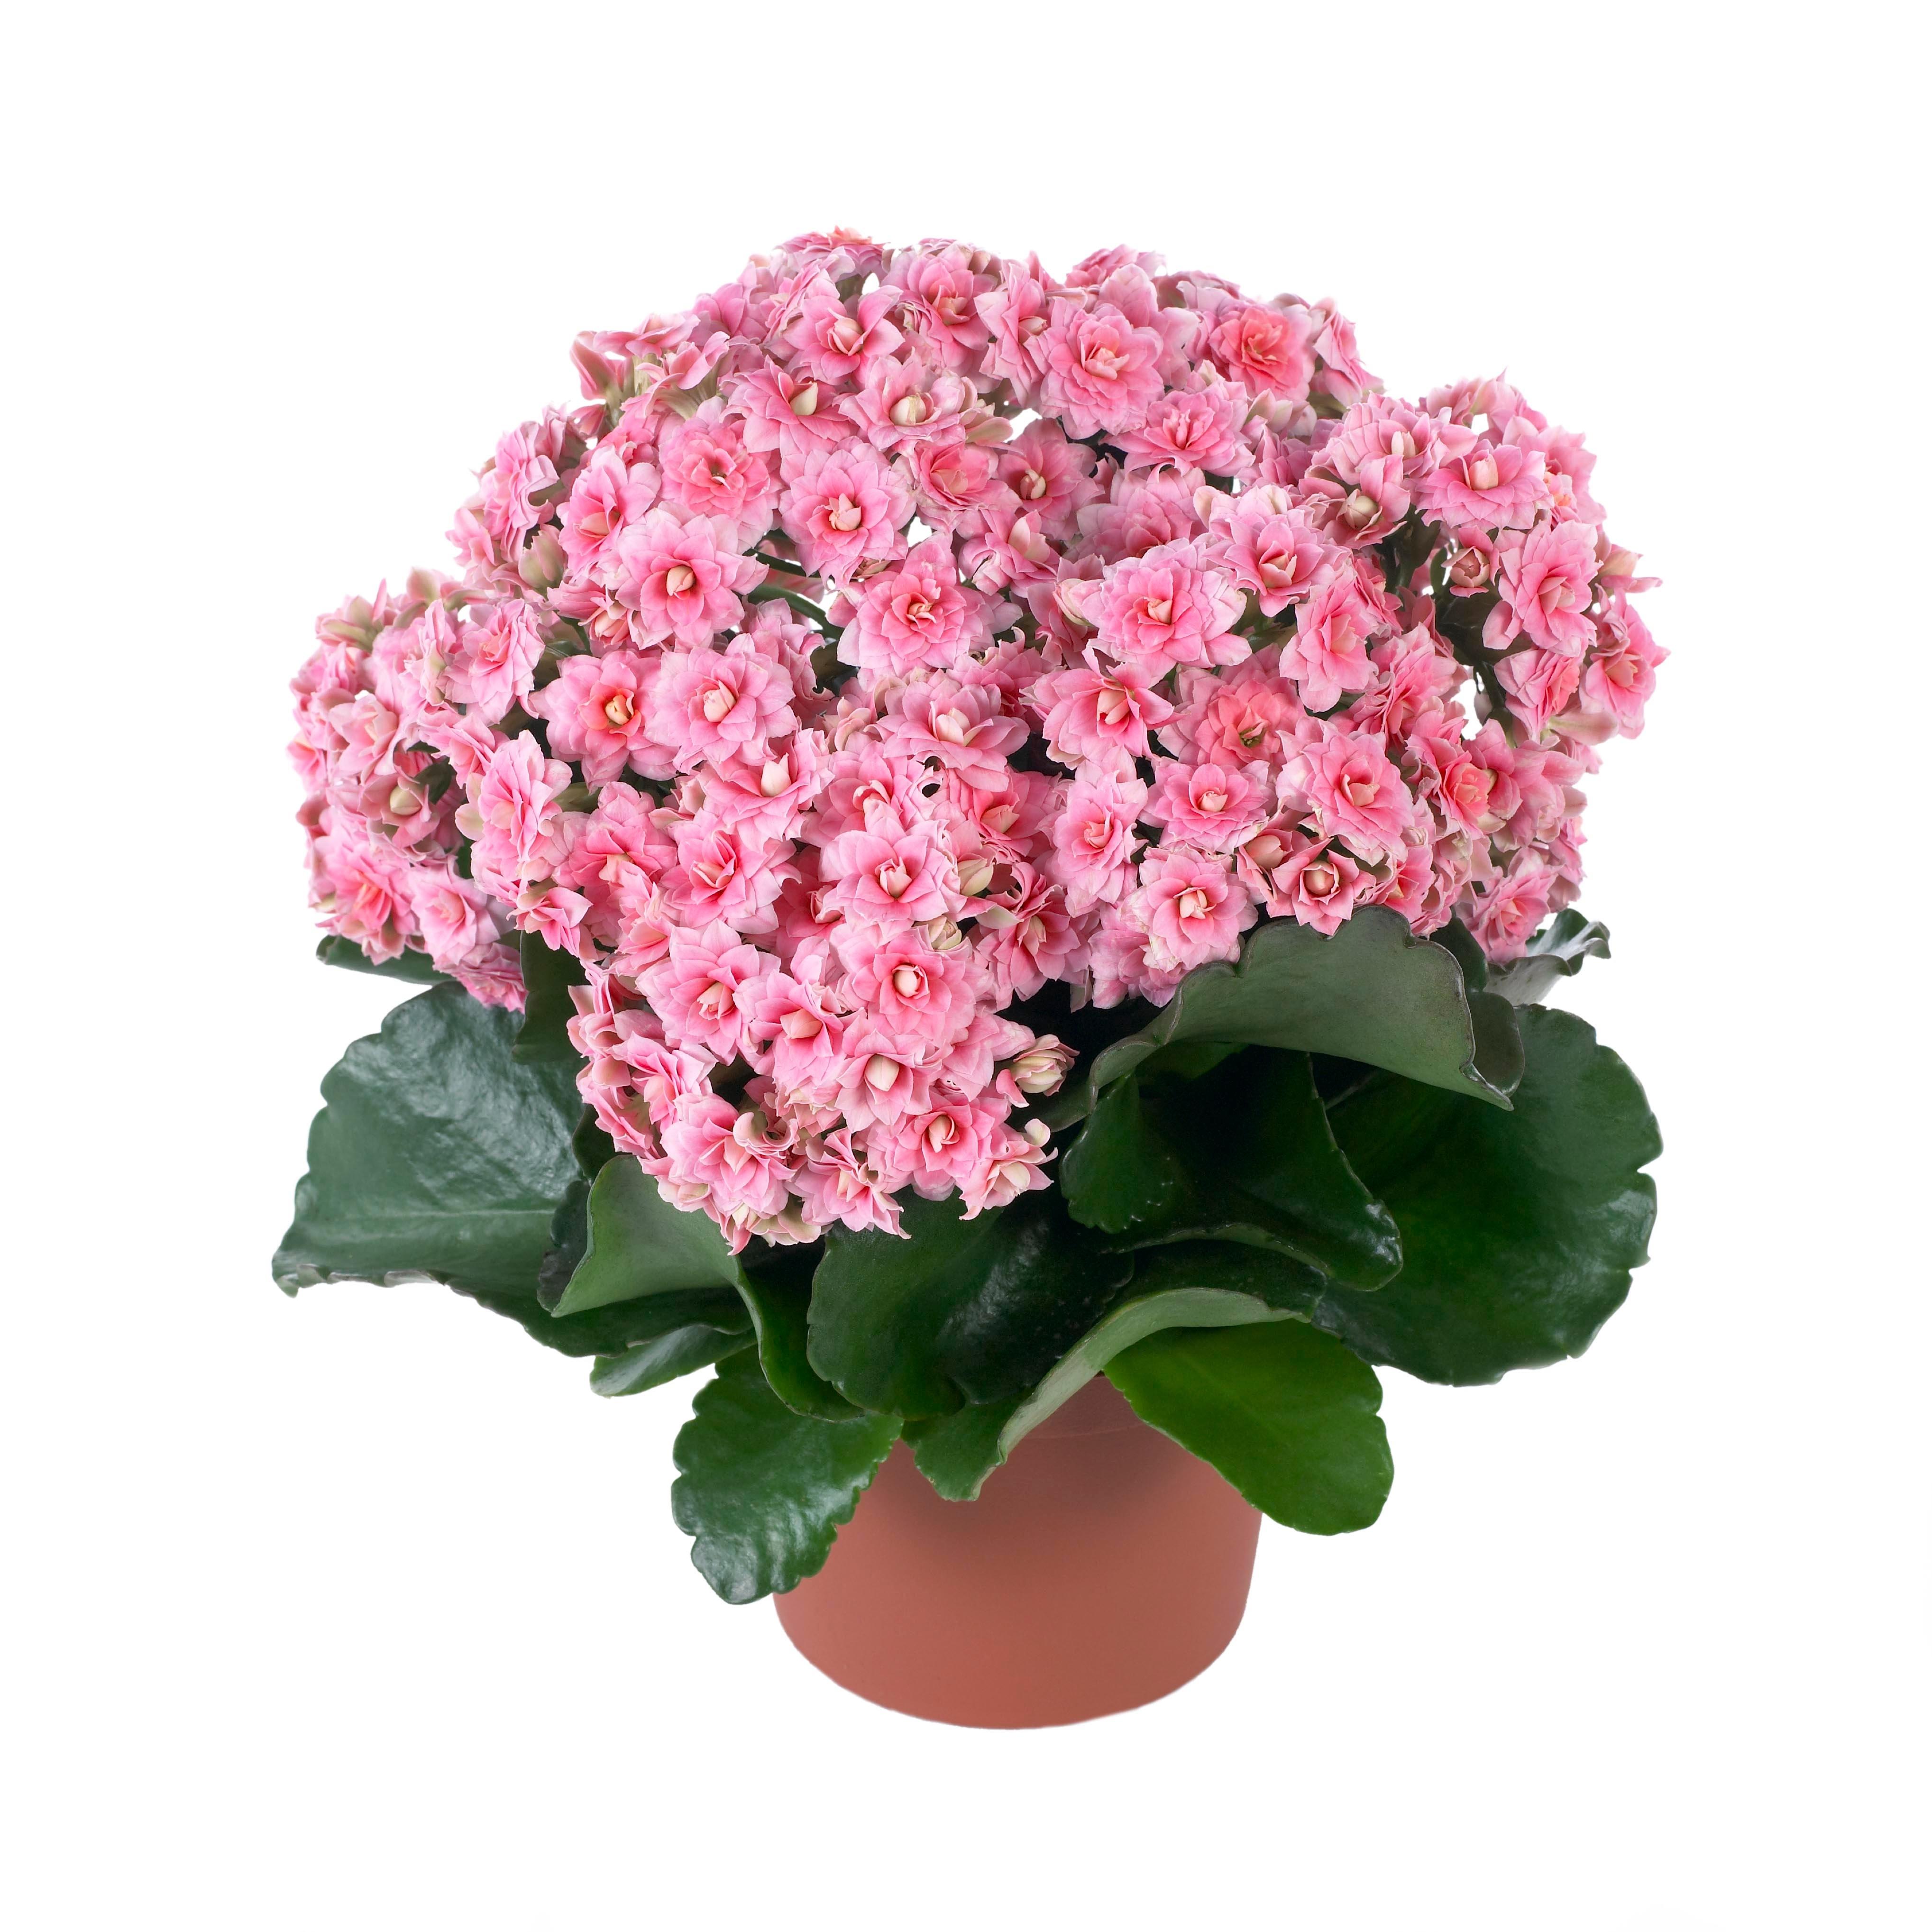 Нежные розовые цветки каланхое